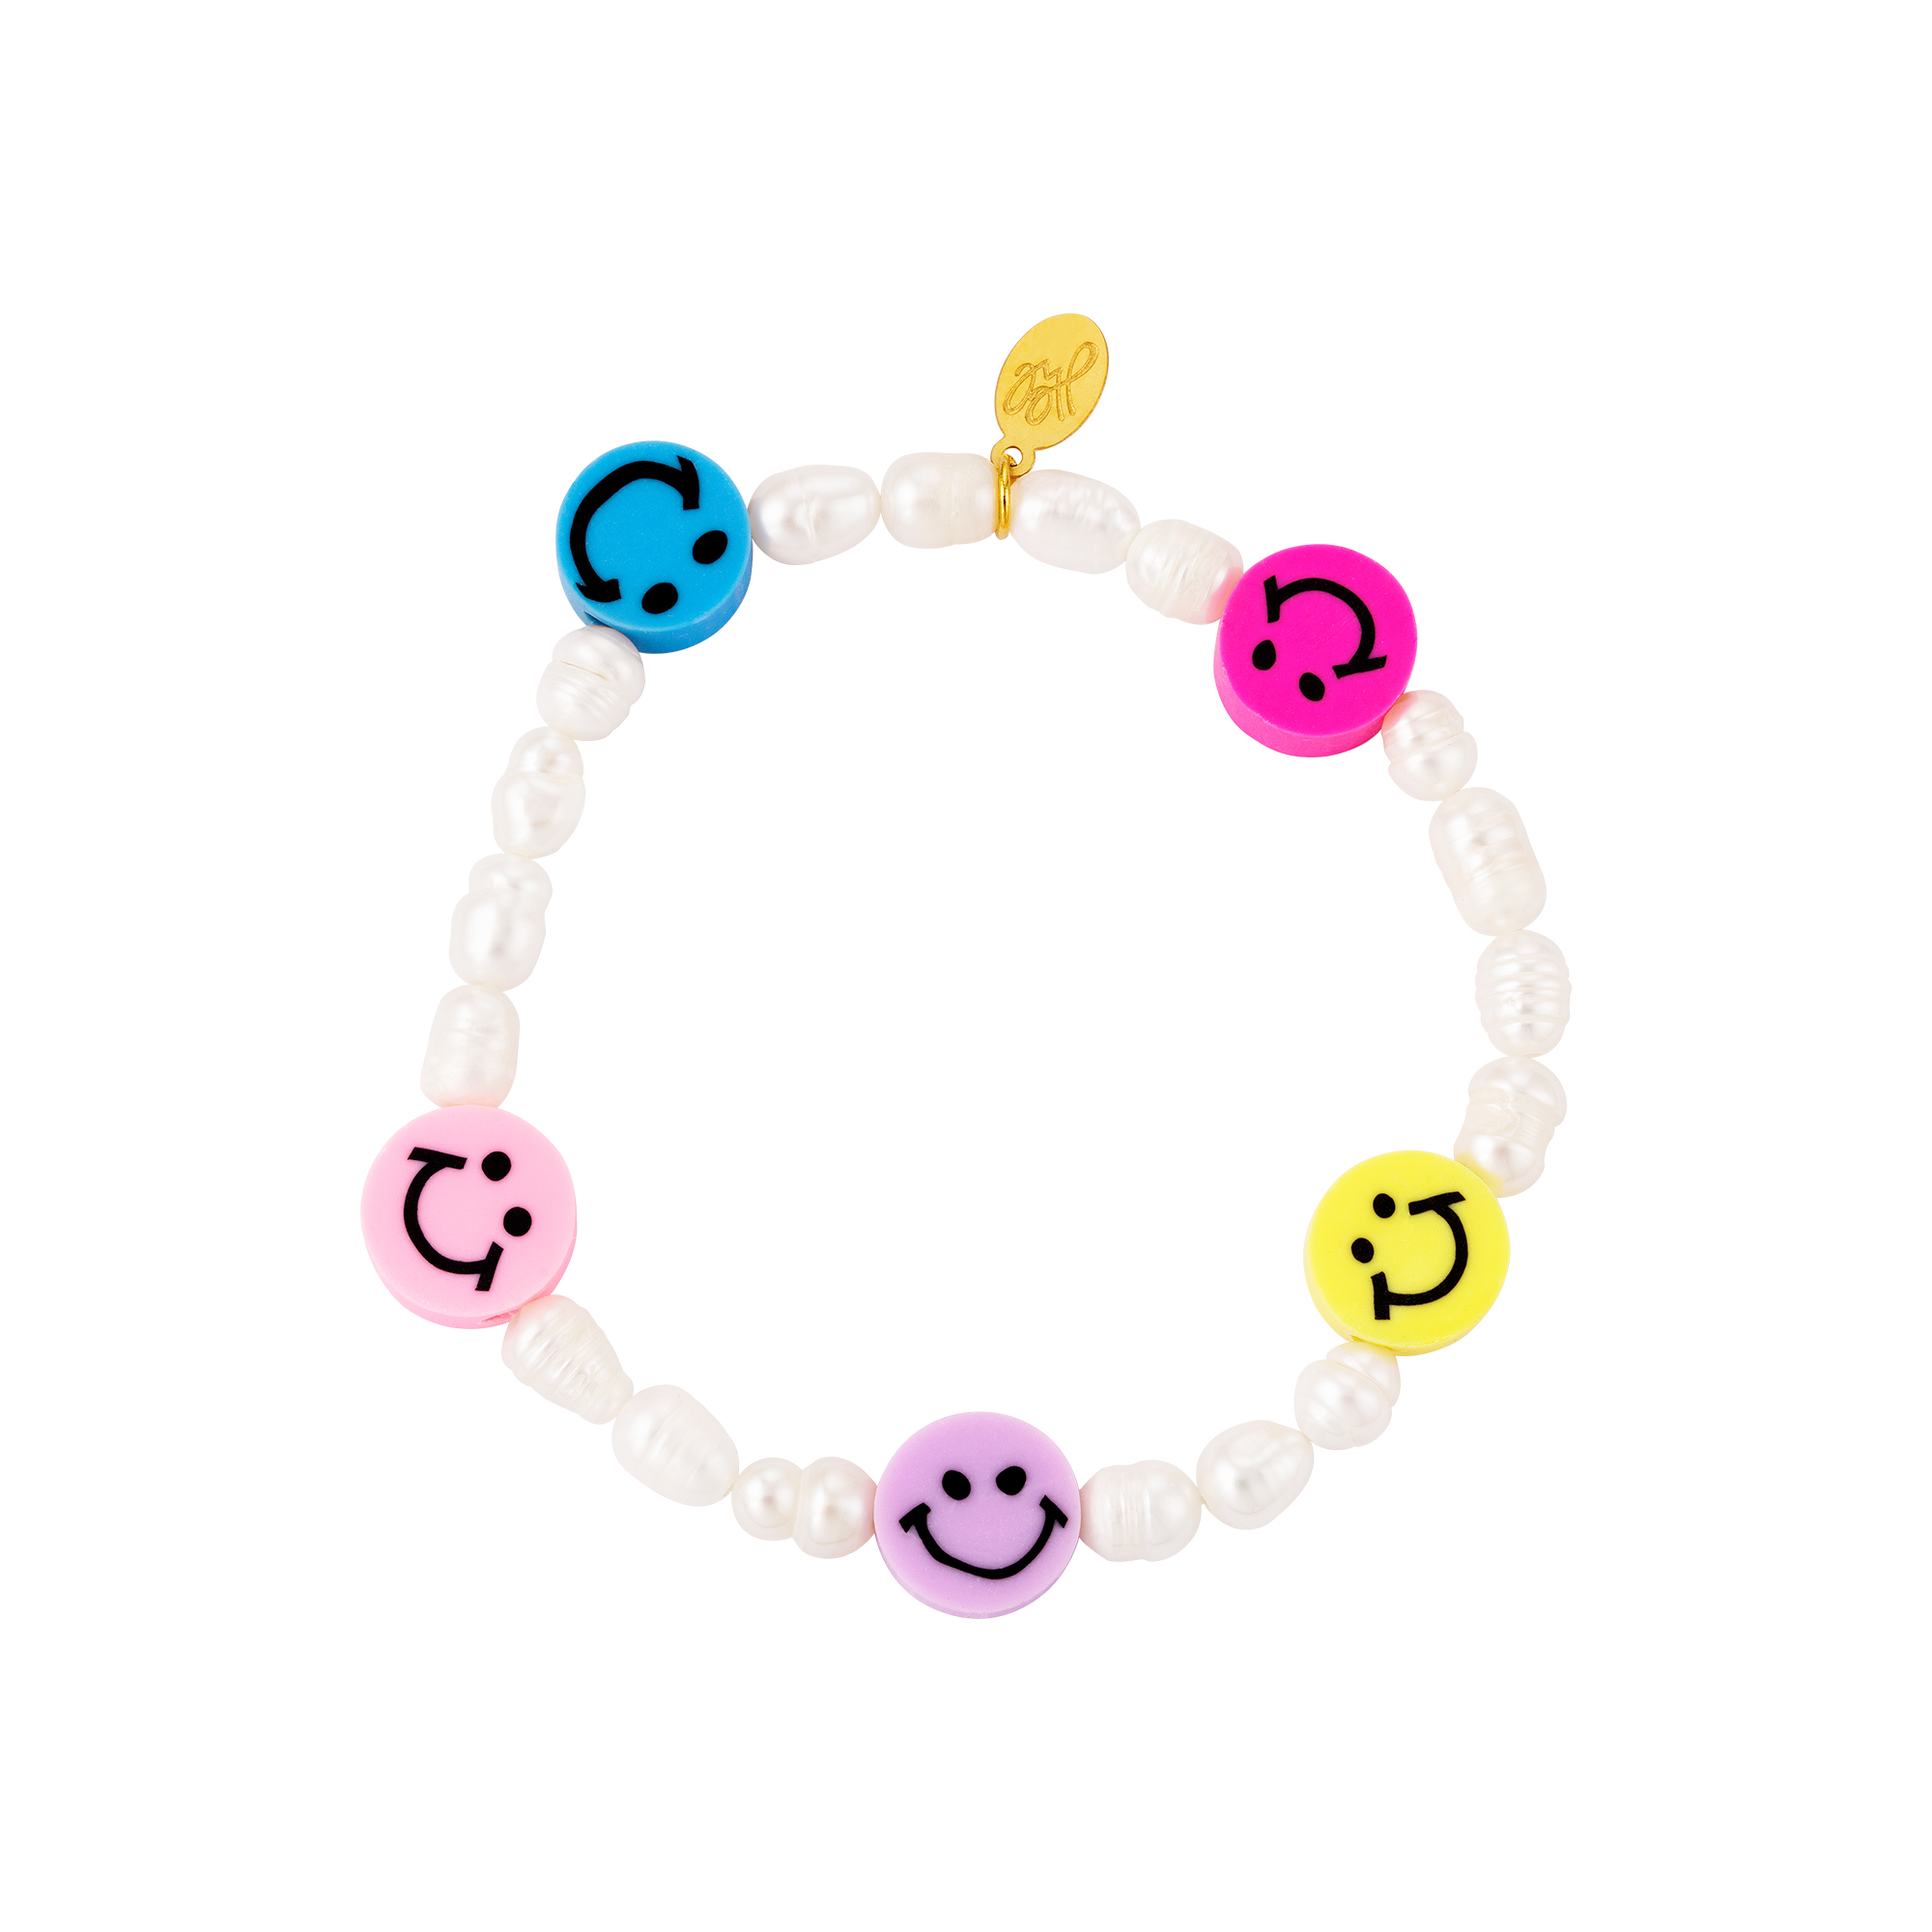 Armband smileys und perlen